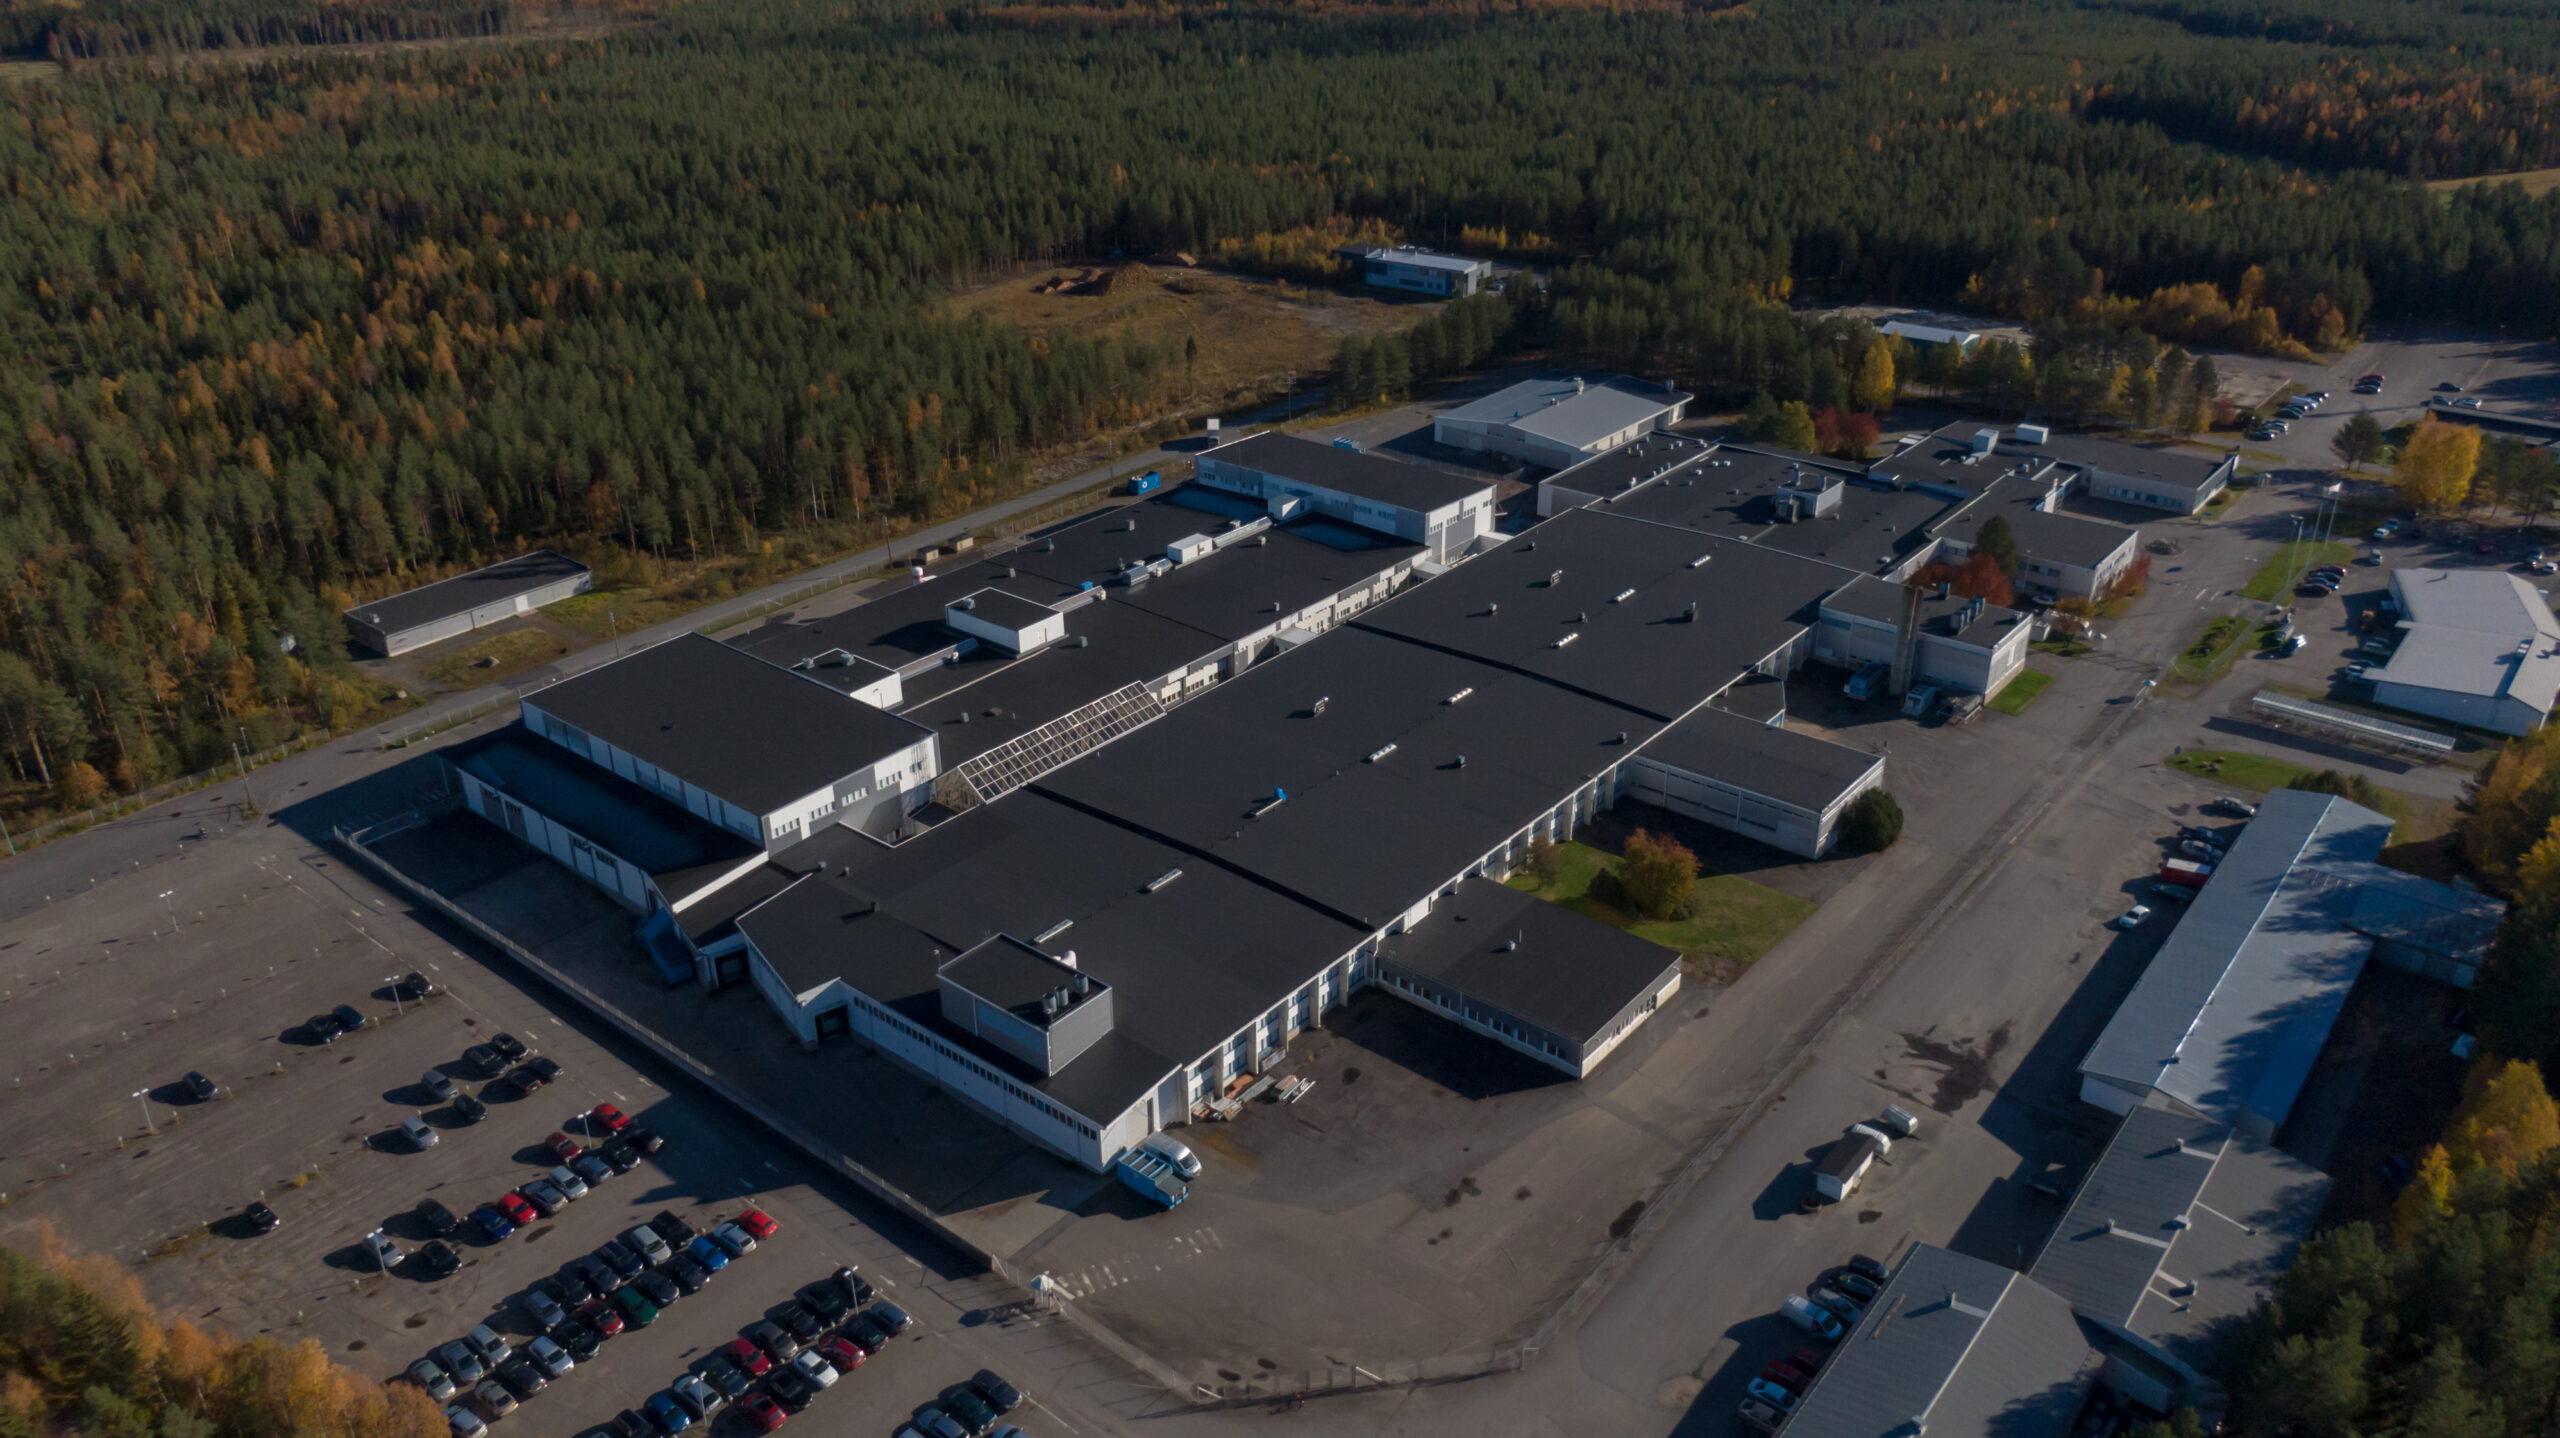 Ilmakuva teollisuusalueelta (Teollisuustie). Suuri toimitilakiinteistö kuvan keskellä. Autoja pysäköintialueella.